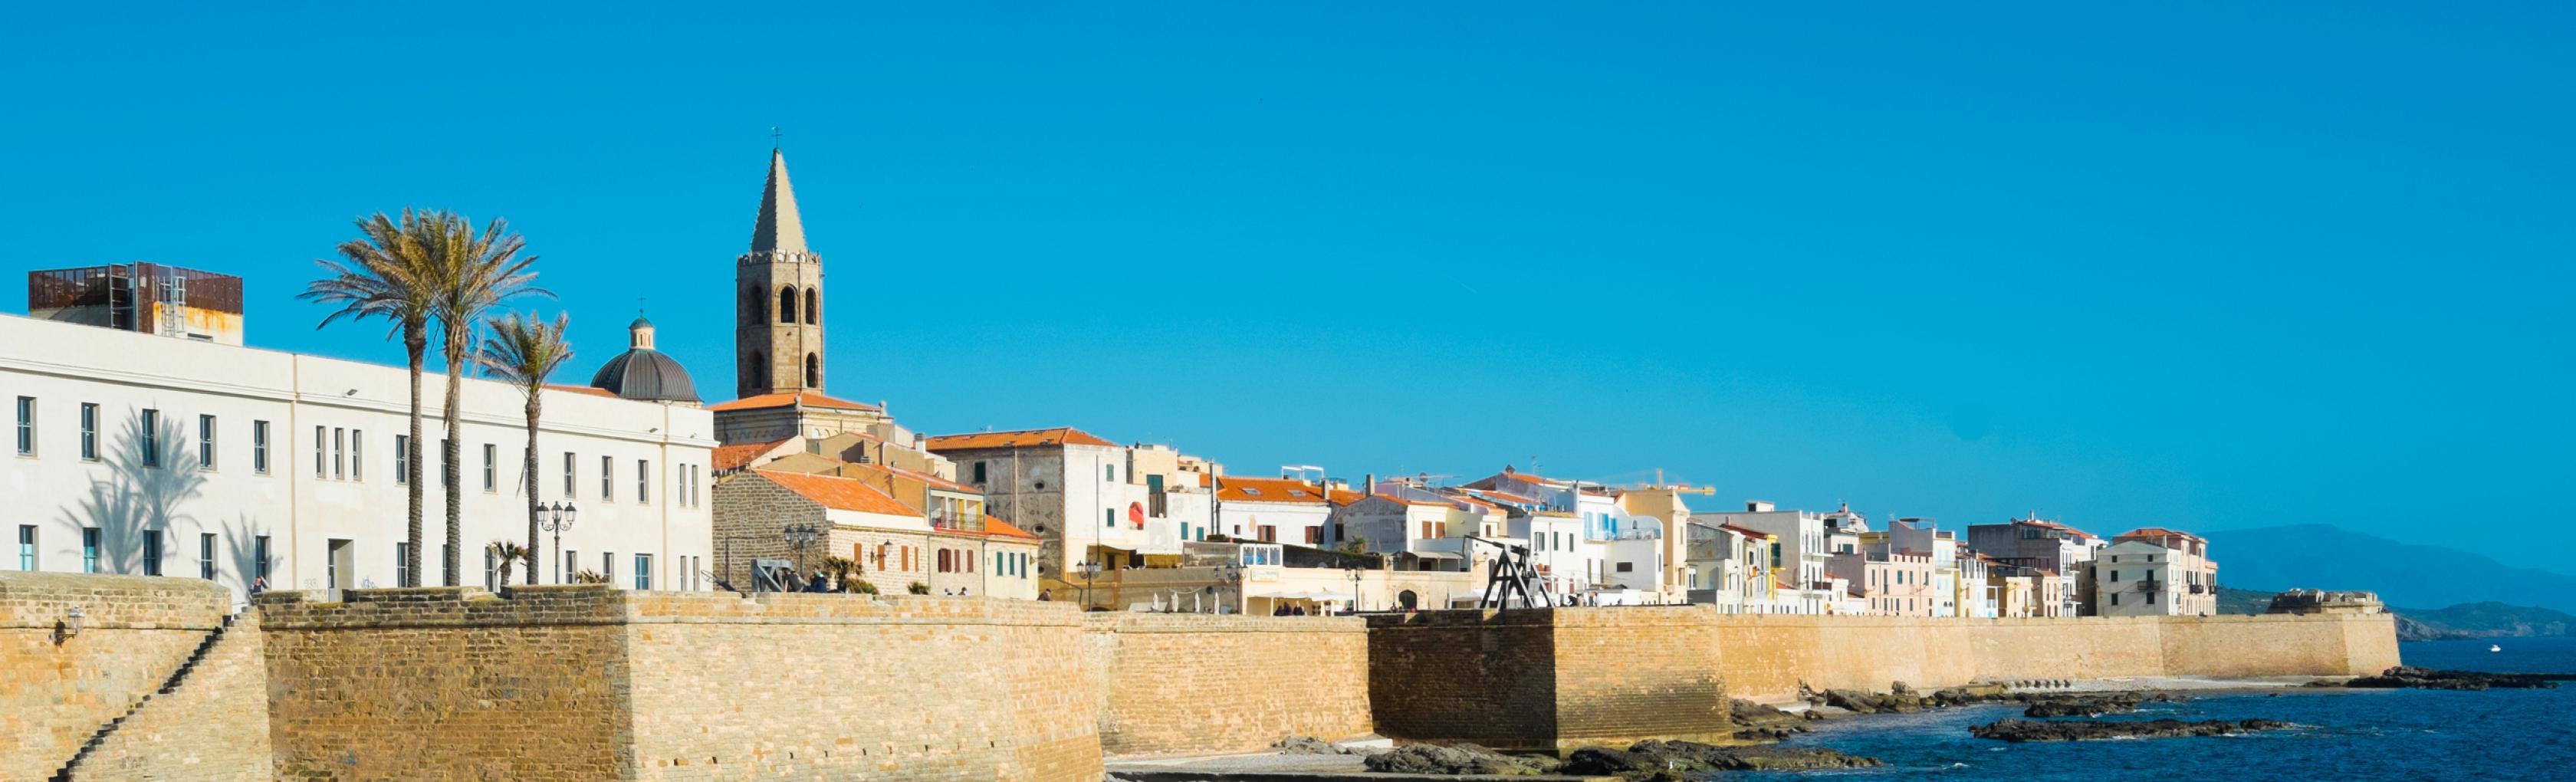 Veduta di Alghero